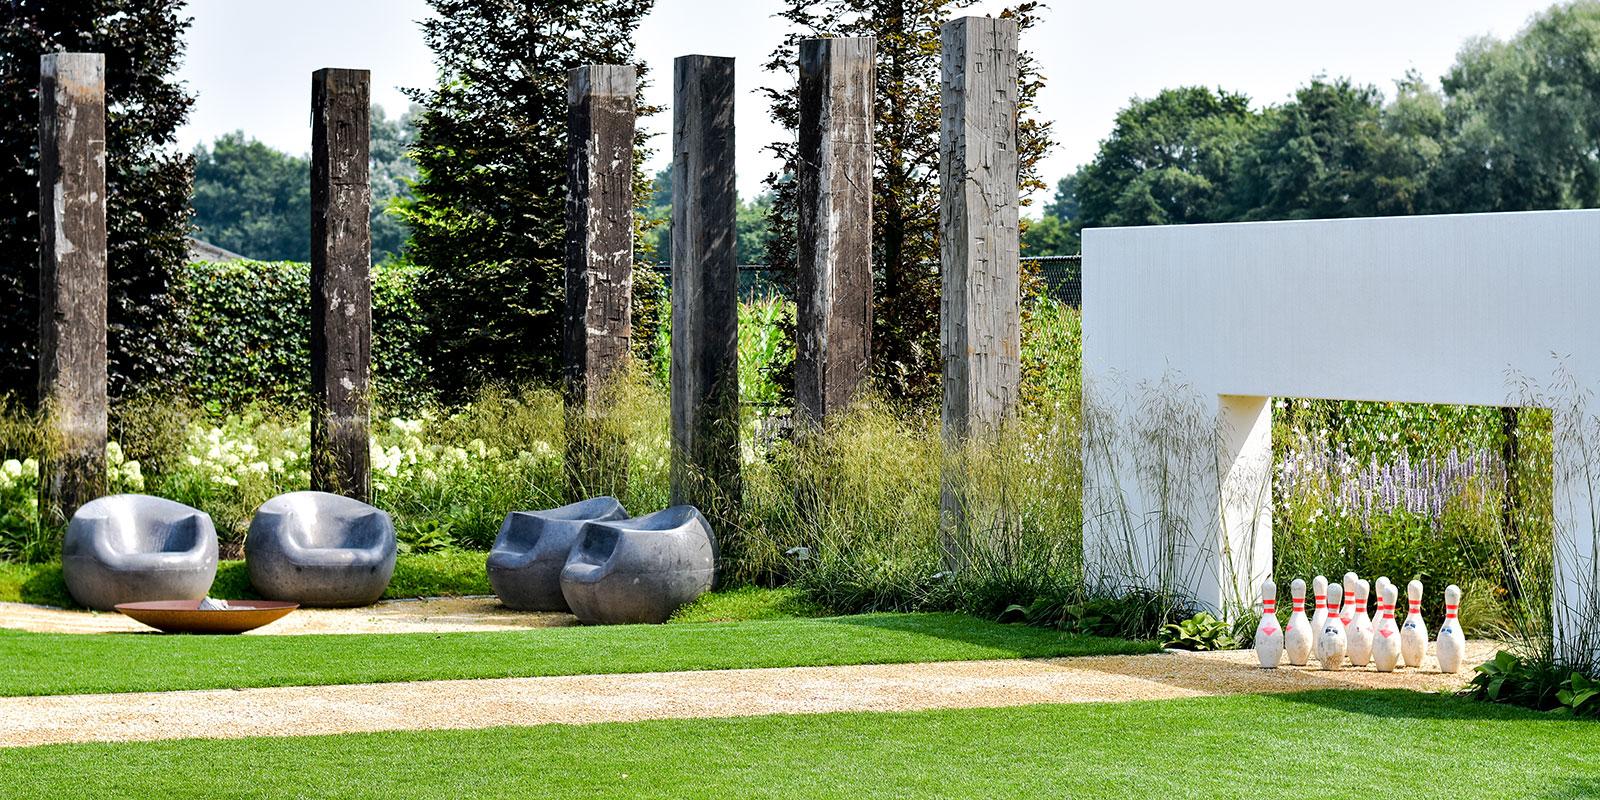 Kegelbaan als eyecatcher in de tuin, Buijtels Buitengewone Tuinen, biodiversiteit, minimalistisch